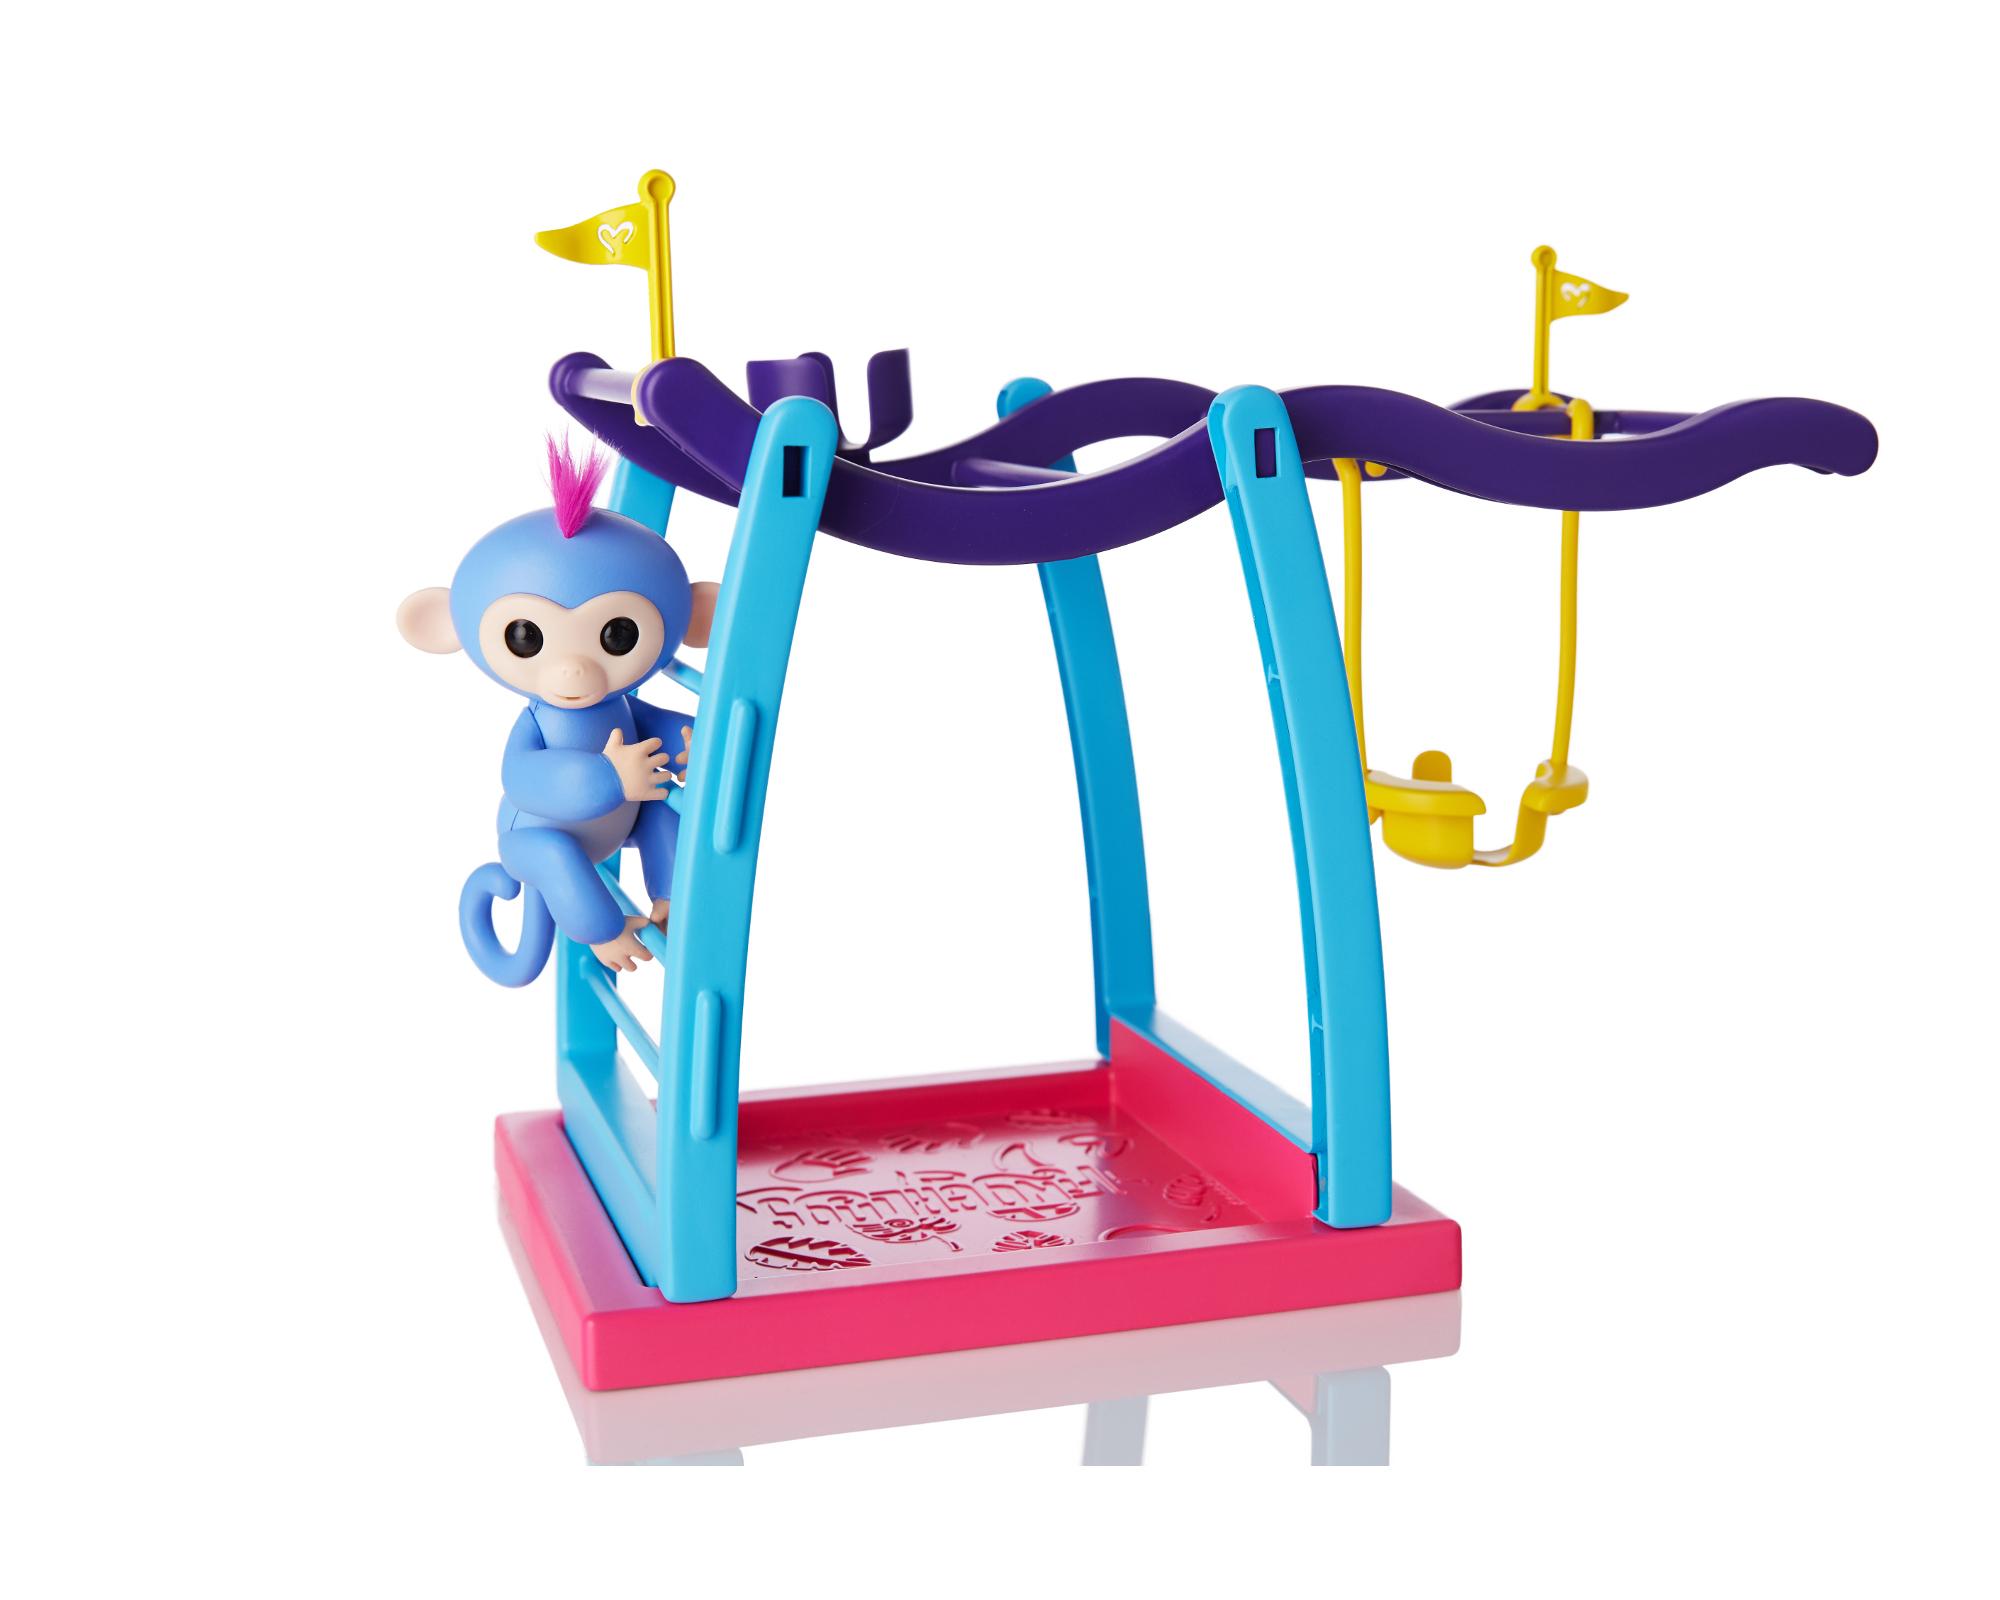 WowWee Fingerlings Monkey Bars/Swing Playset w/ 1